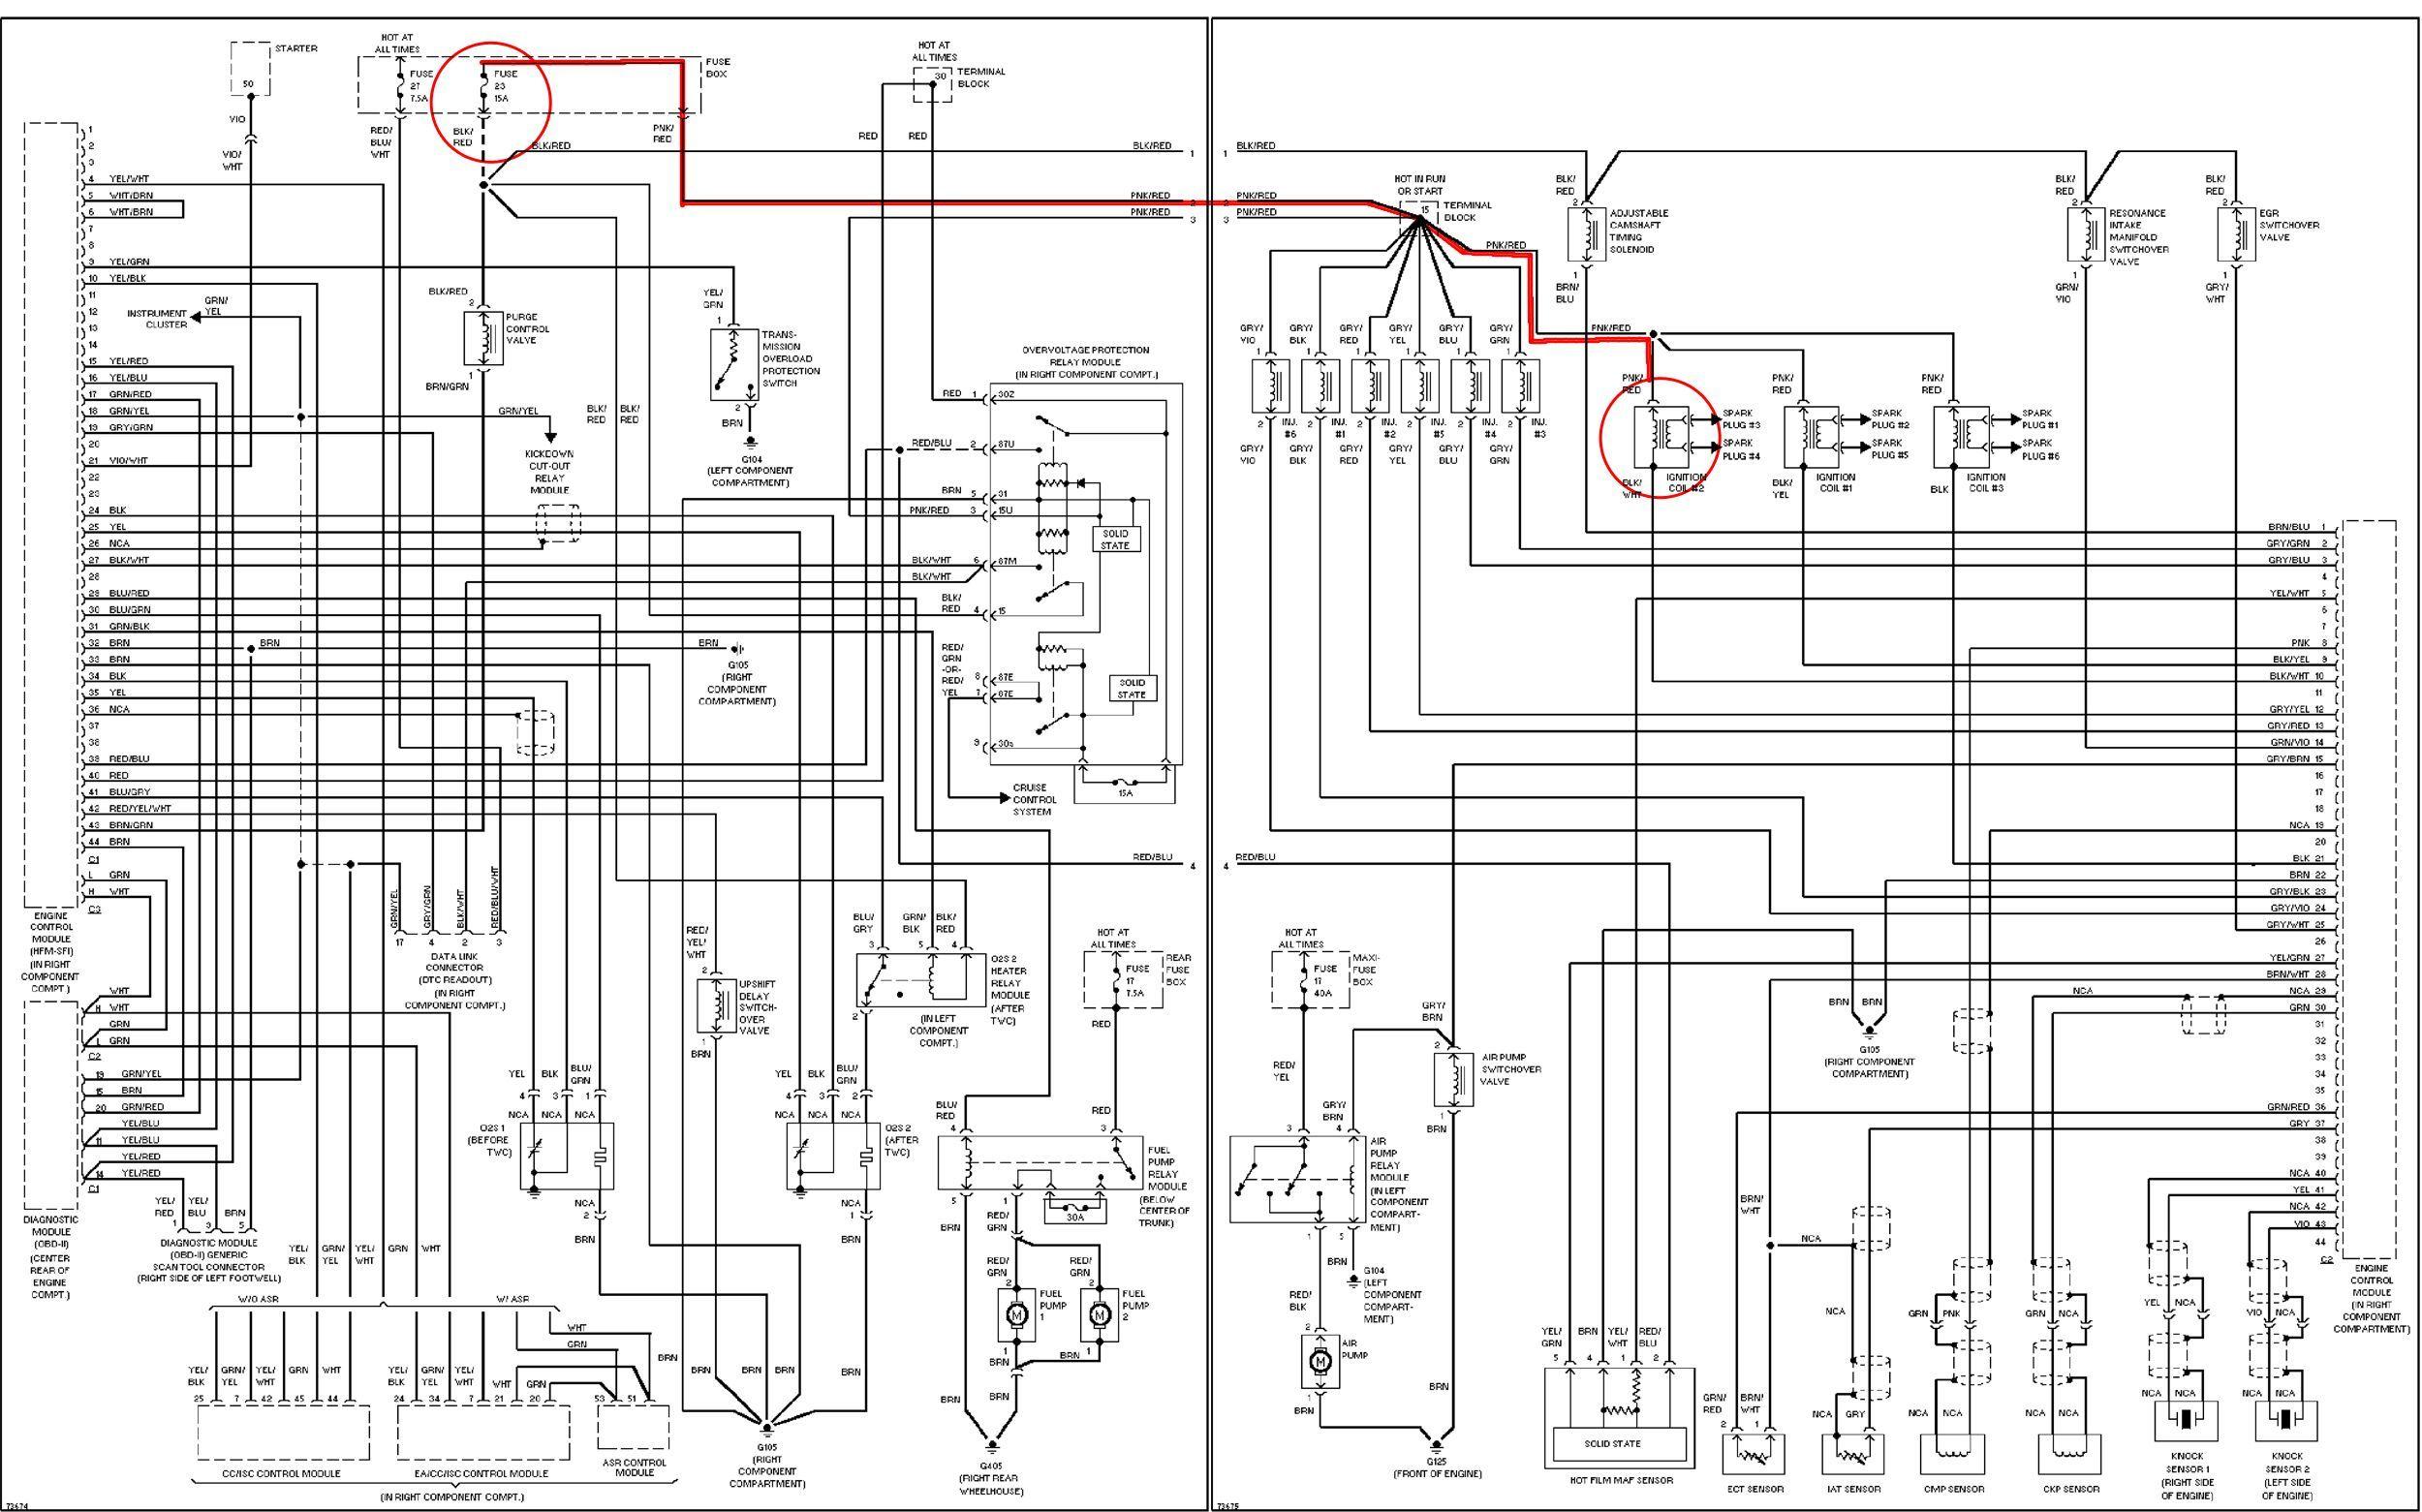 K1BLM To Mercedes Benz Wiring Diagram | wiring schematics | Mercedes benz, Benz, Diagram